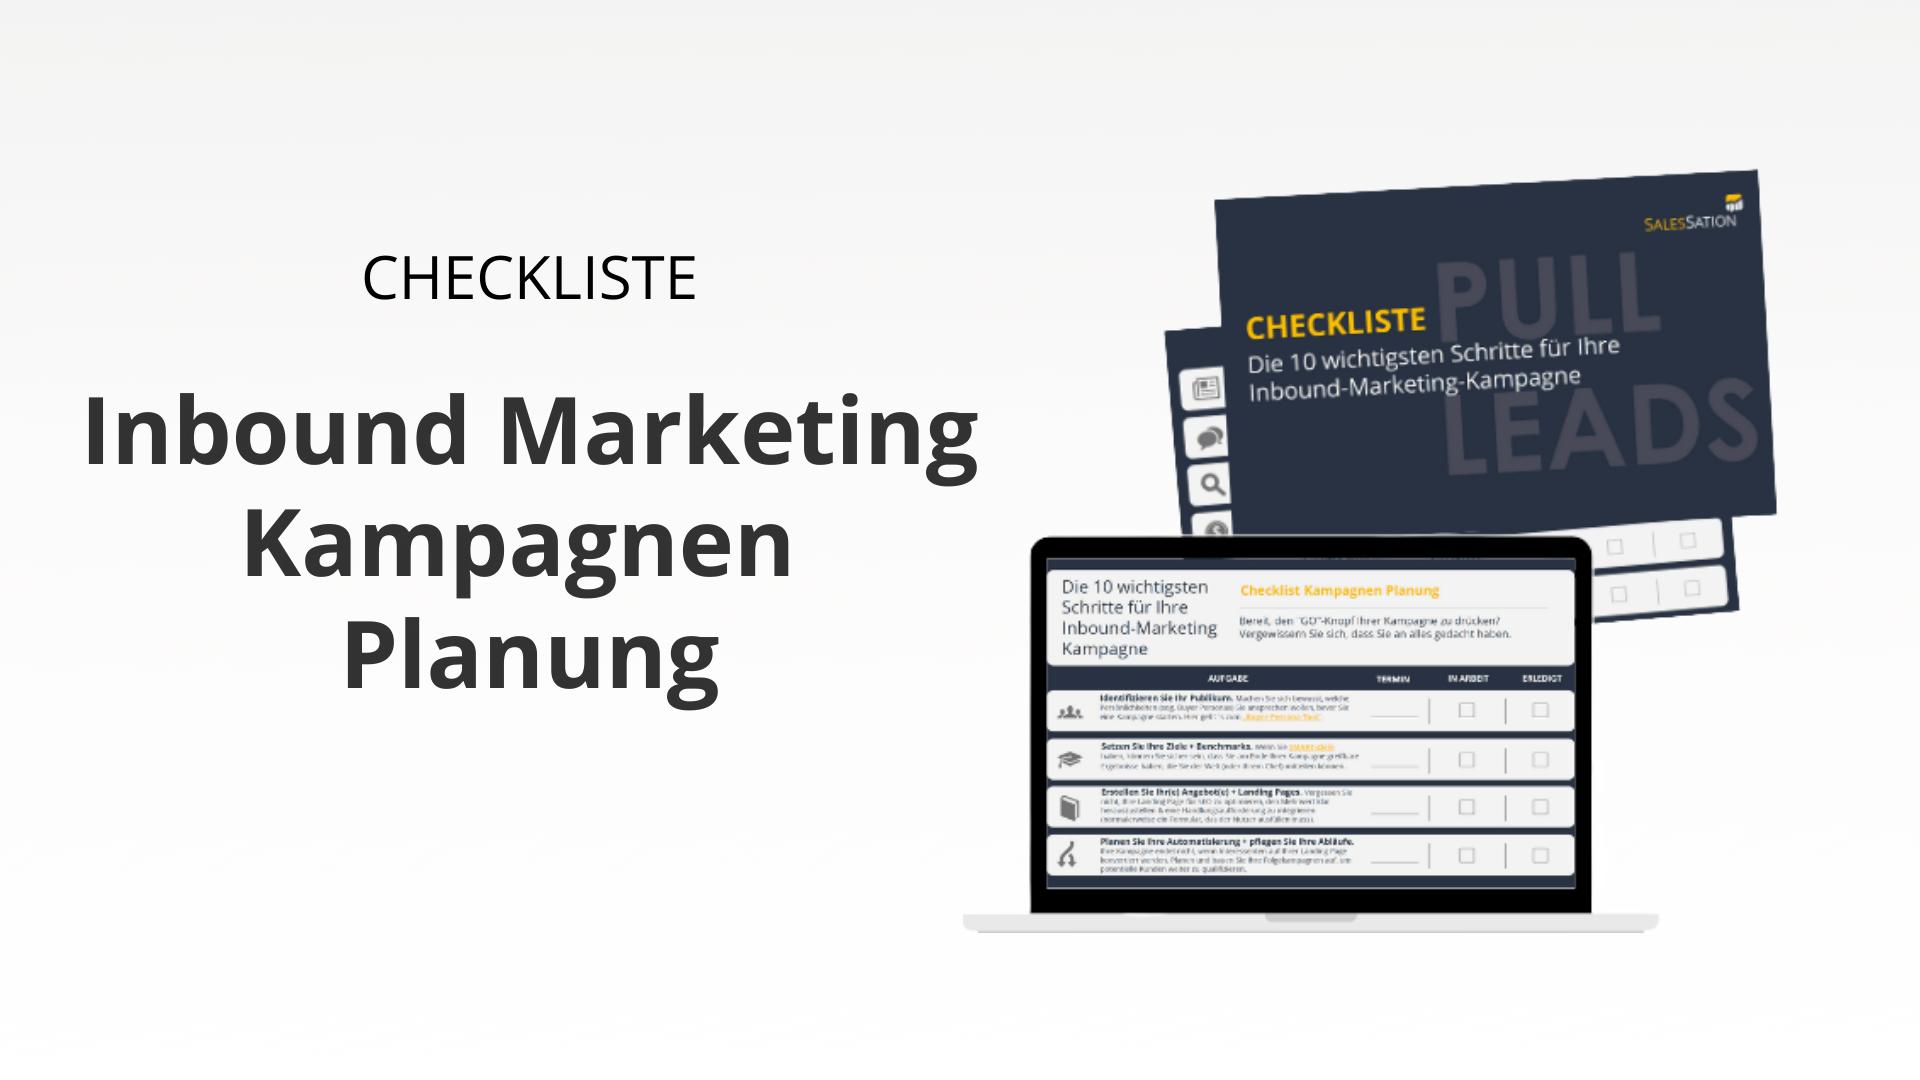 checkliste-salessation-die-zehn-wichtigsten-schritte-ihrer-inbound-marketing-kampagne (3)